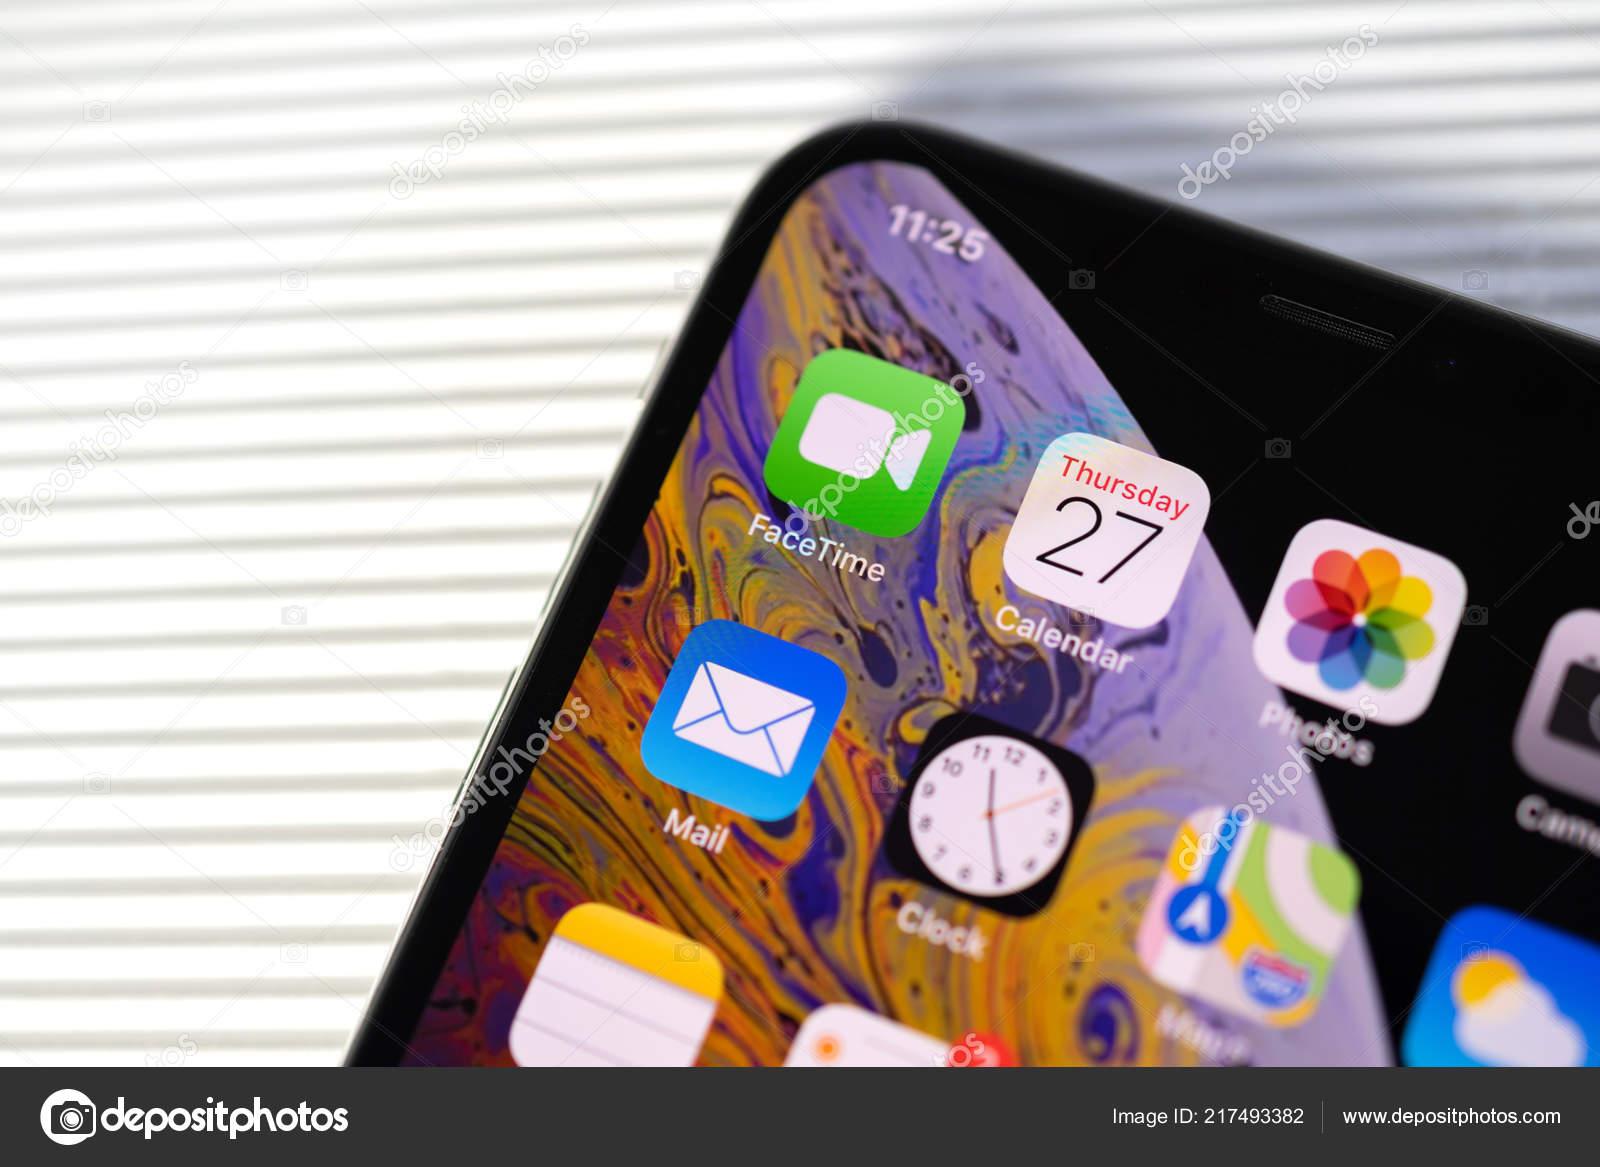 Nouvel Iphone Xs Max Avec Toutes Les Applications Maison Fond Blanc